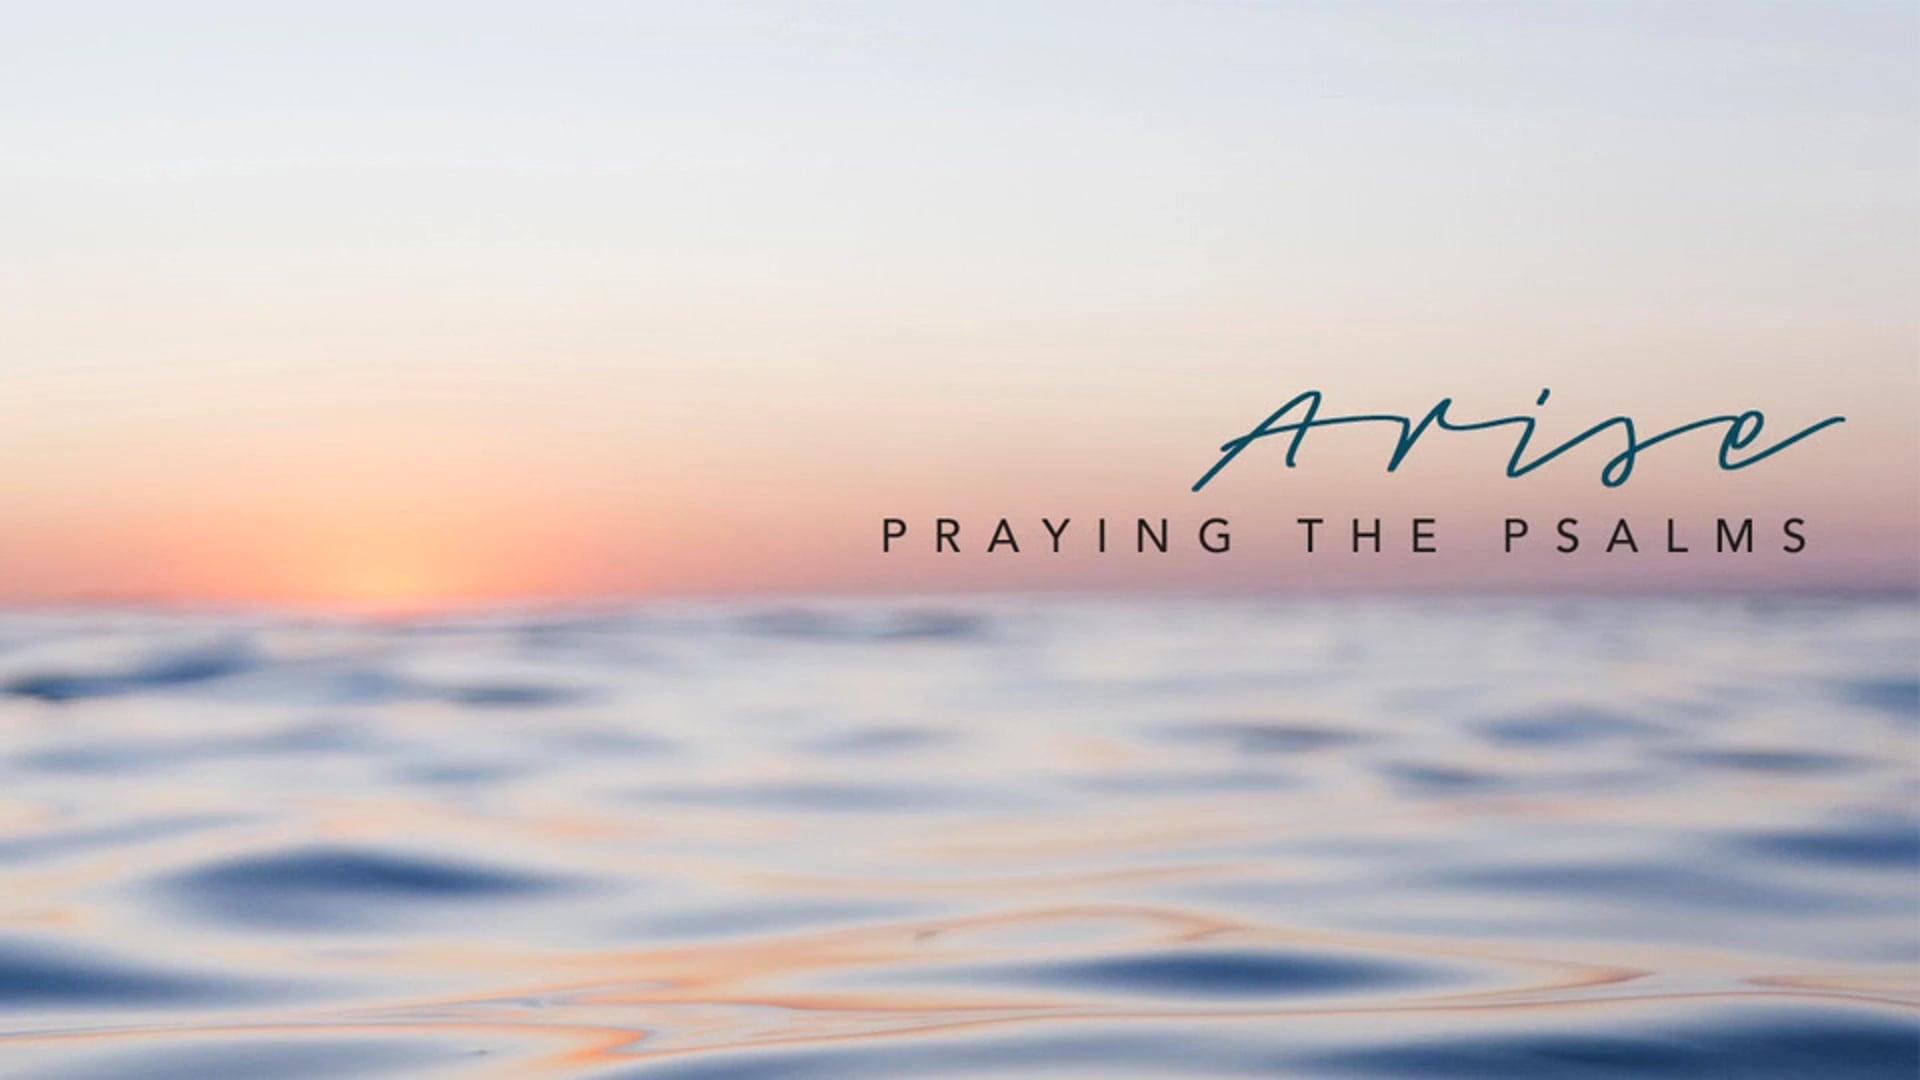 Week 1: Praying the Psalms